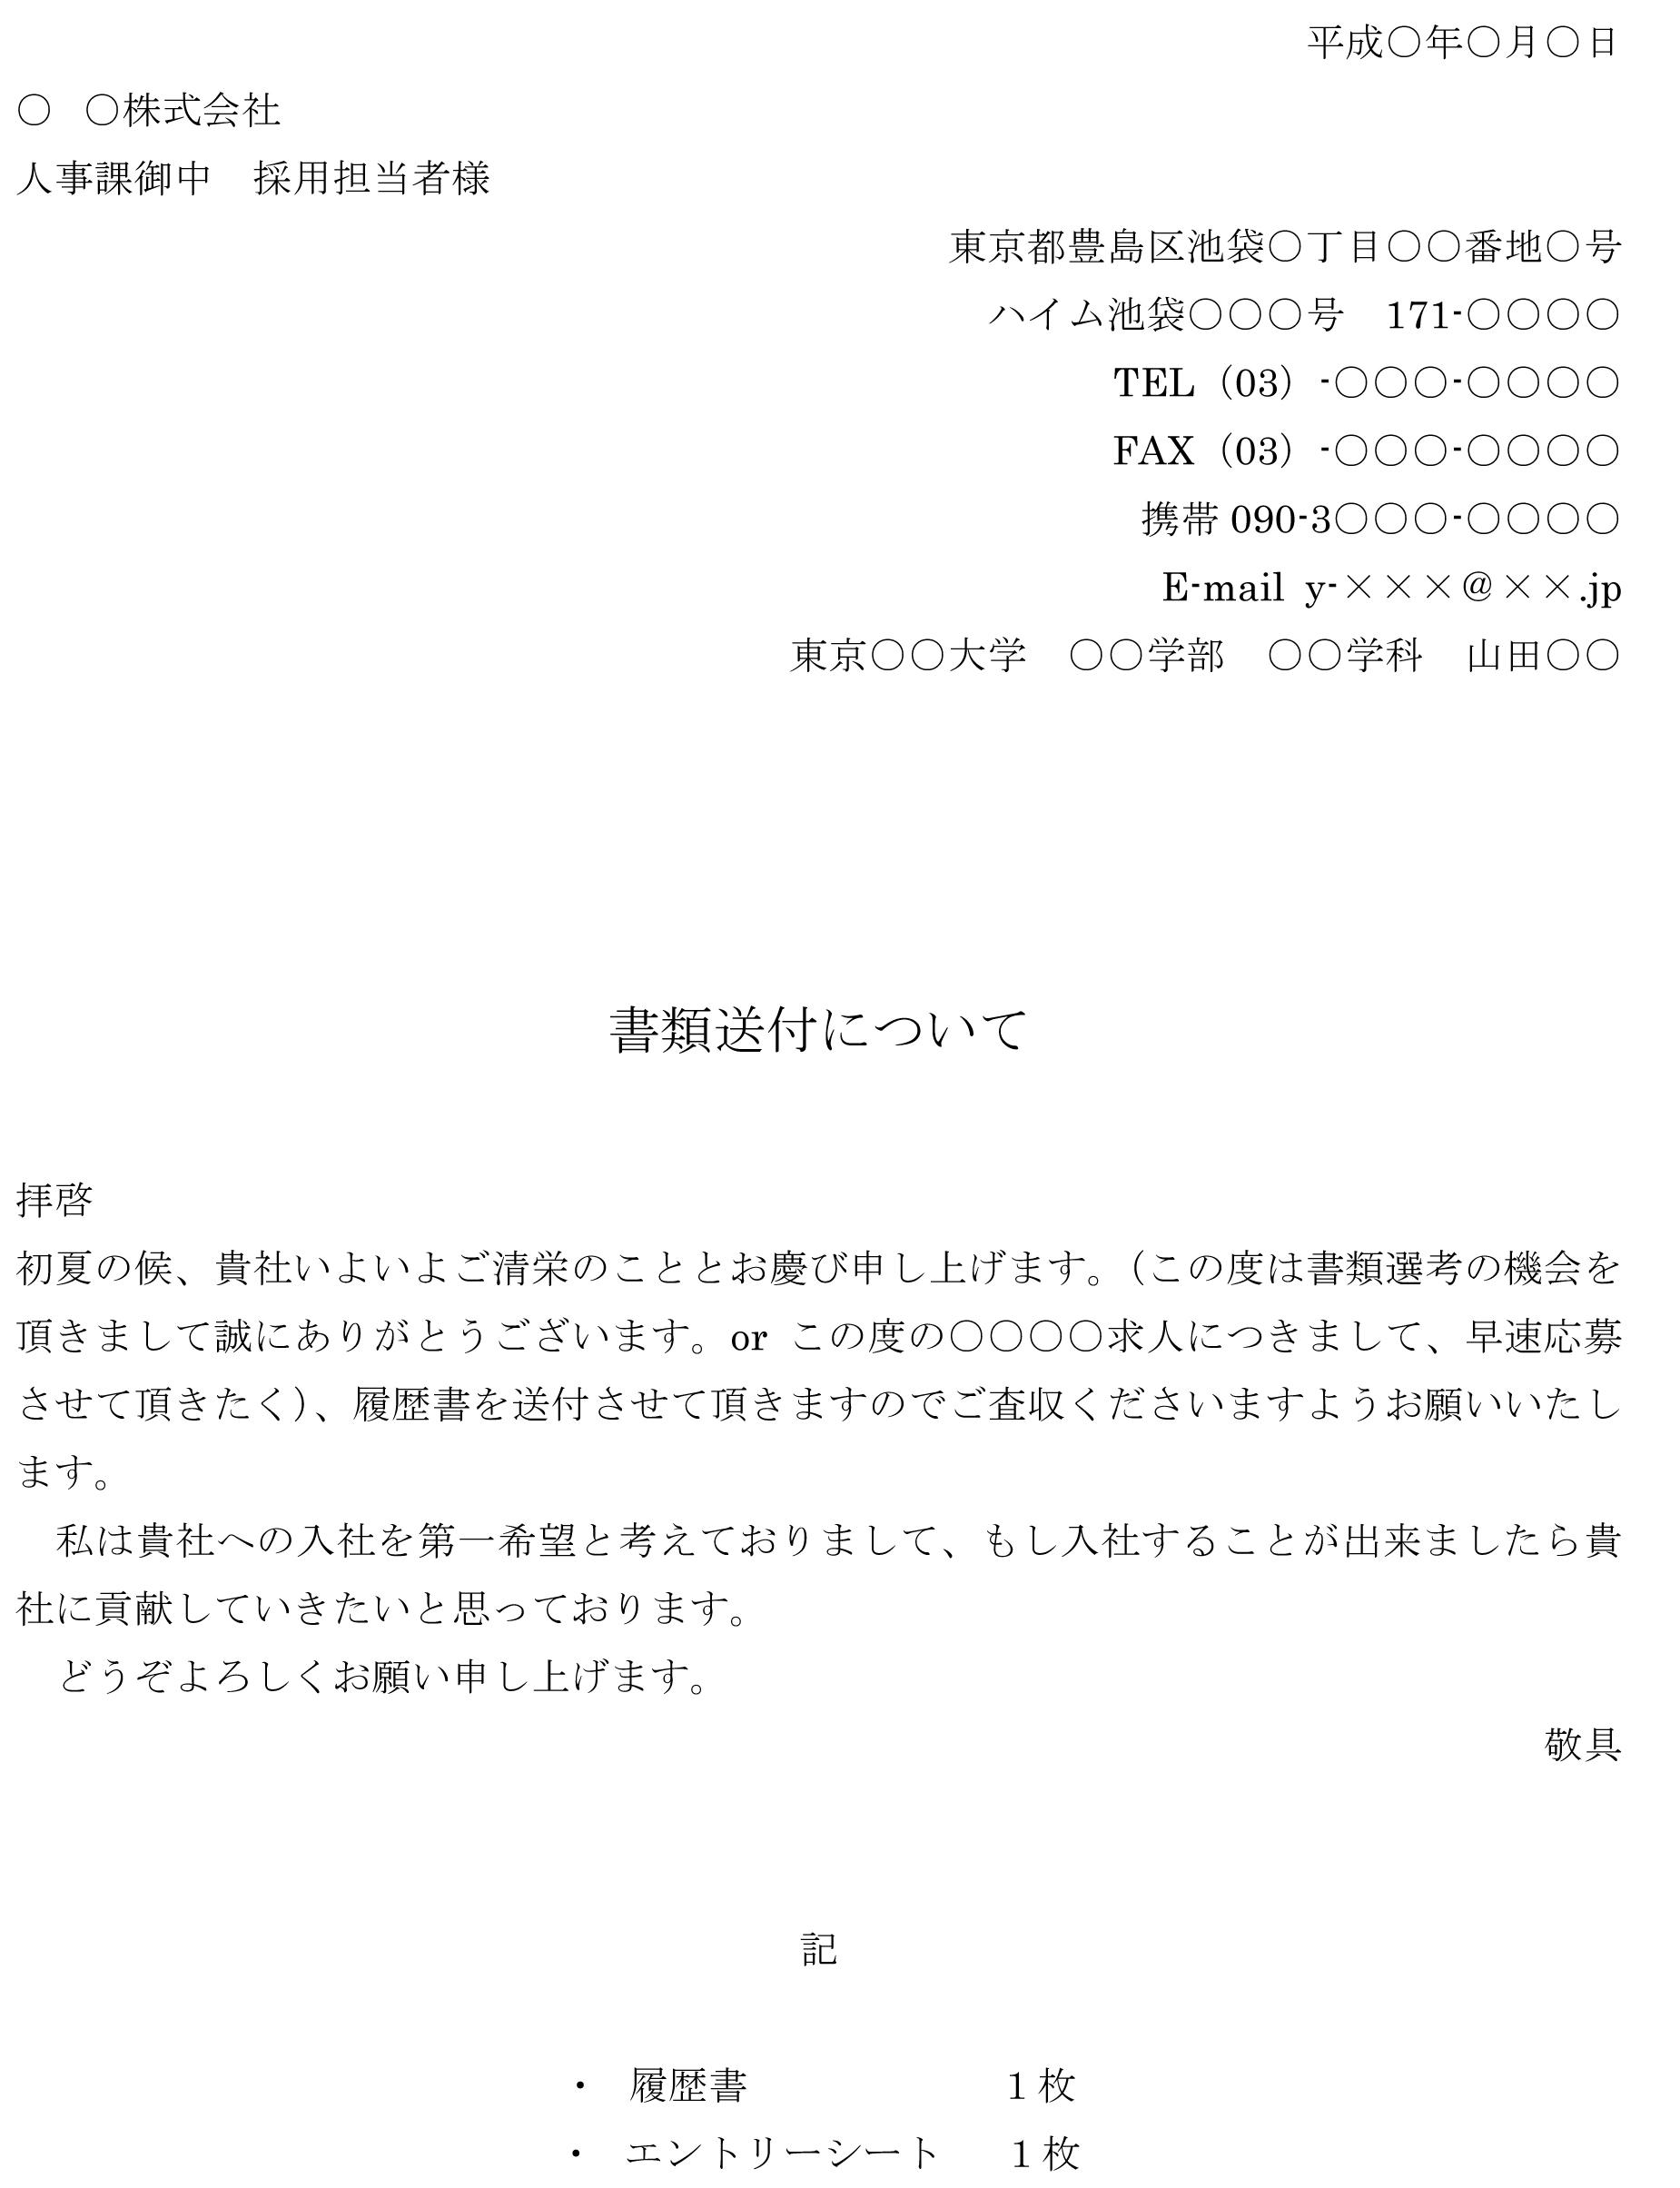 送付状(履歴書、職務経歴書)02